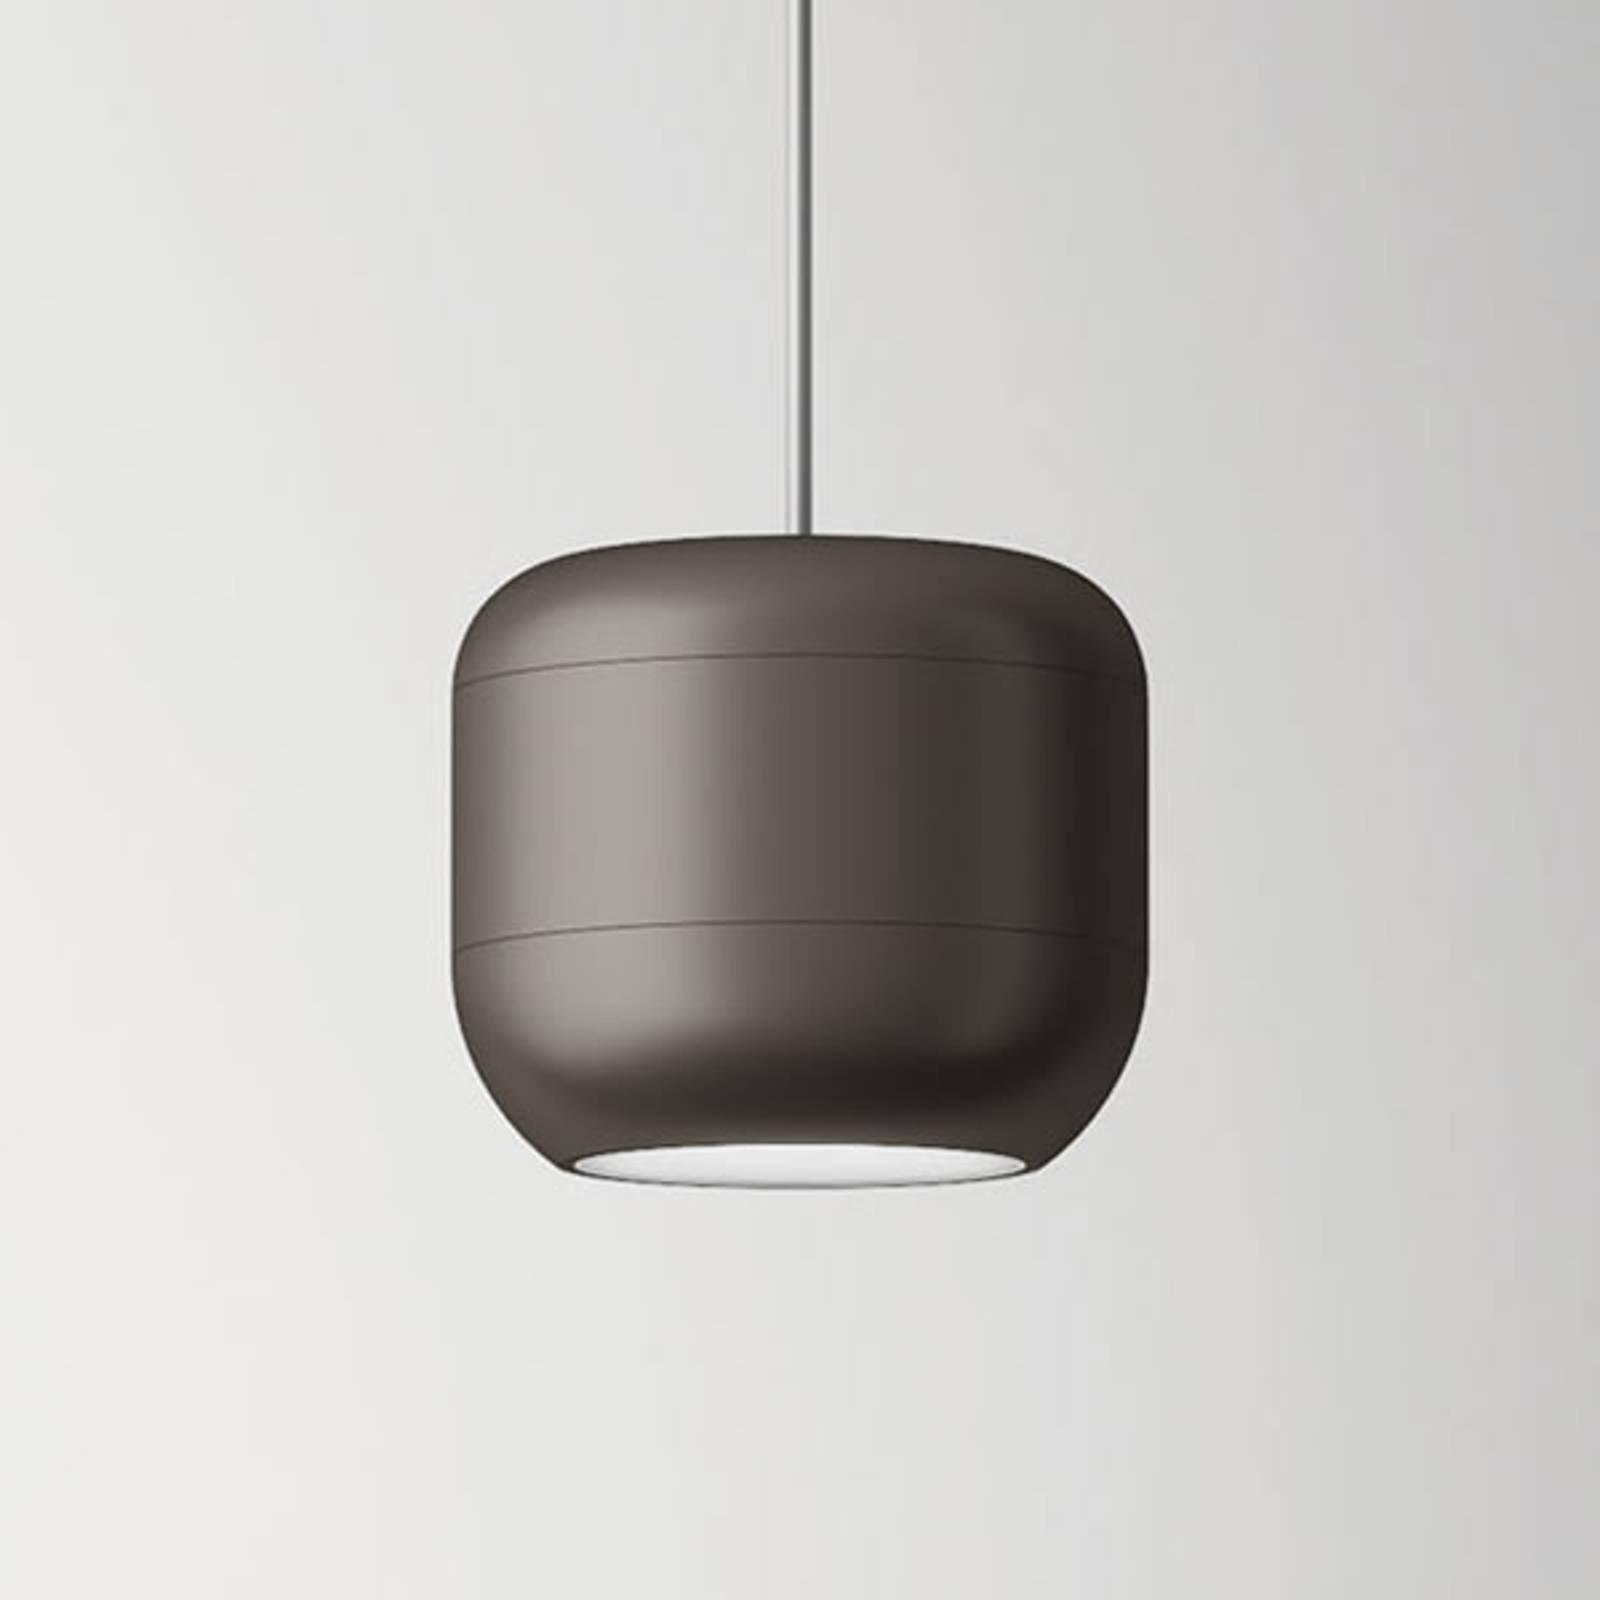 Axolight Urban LED-Pendelleuchte 16 cm nickel matt